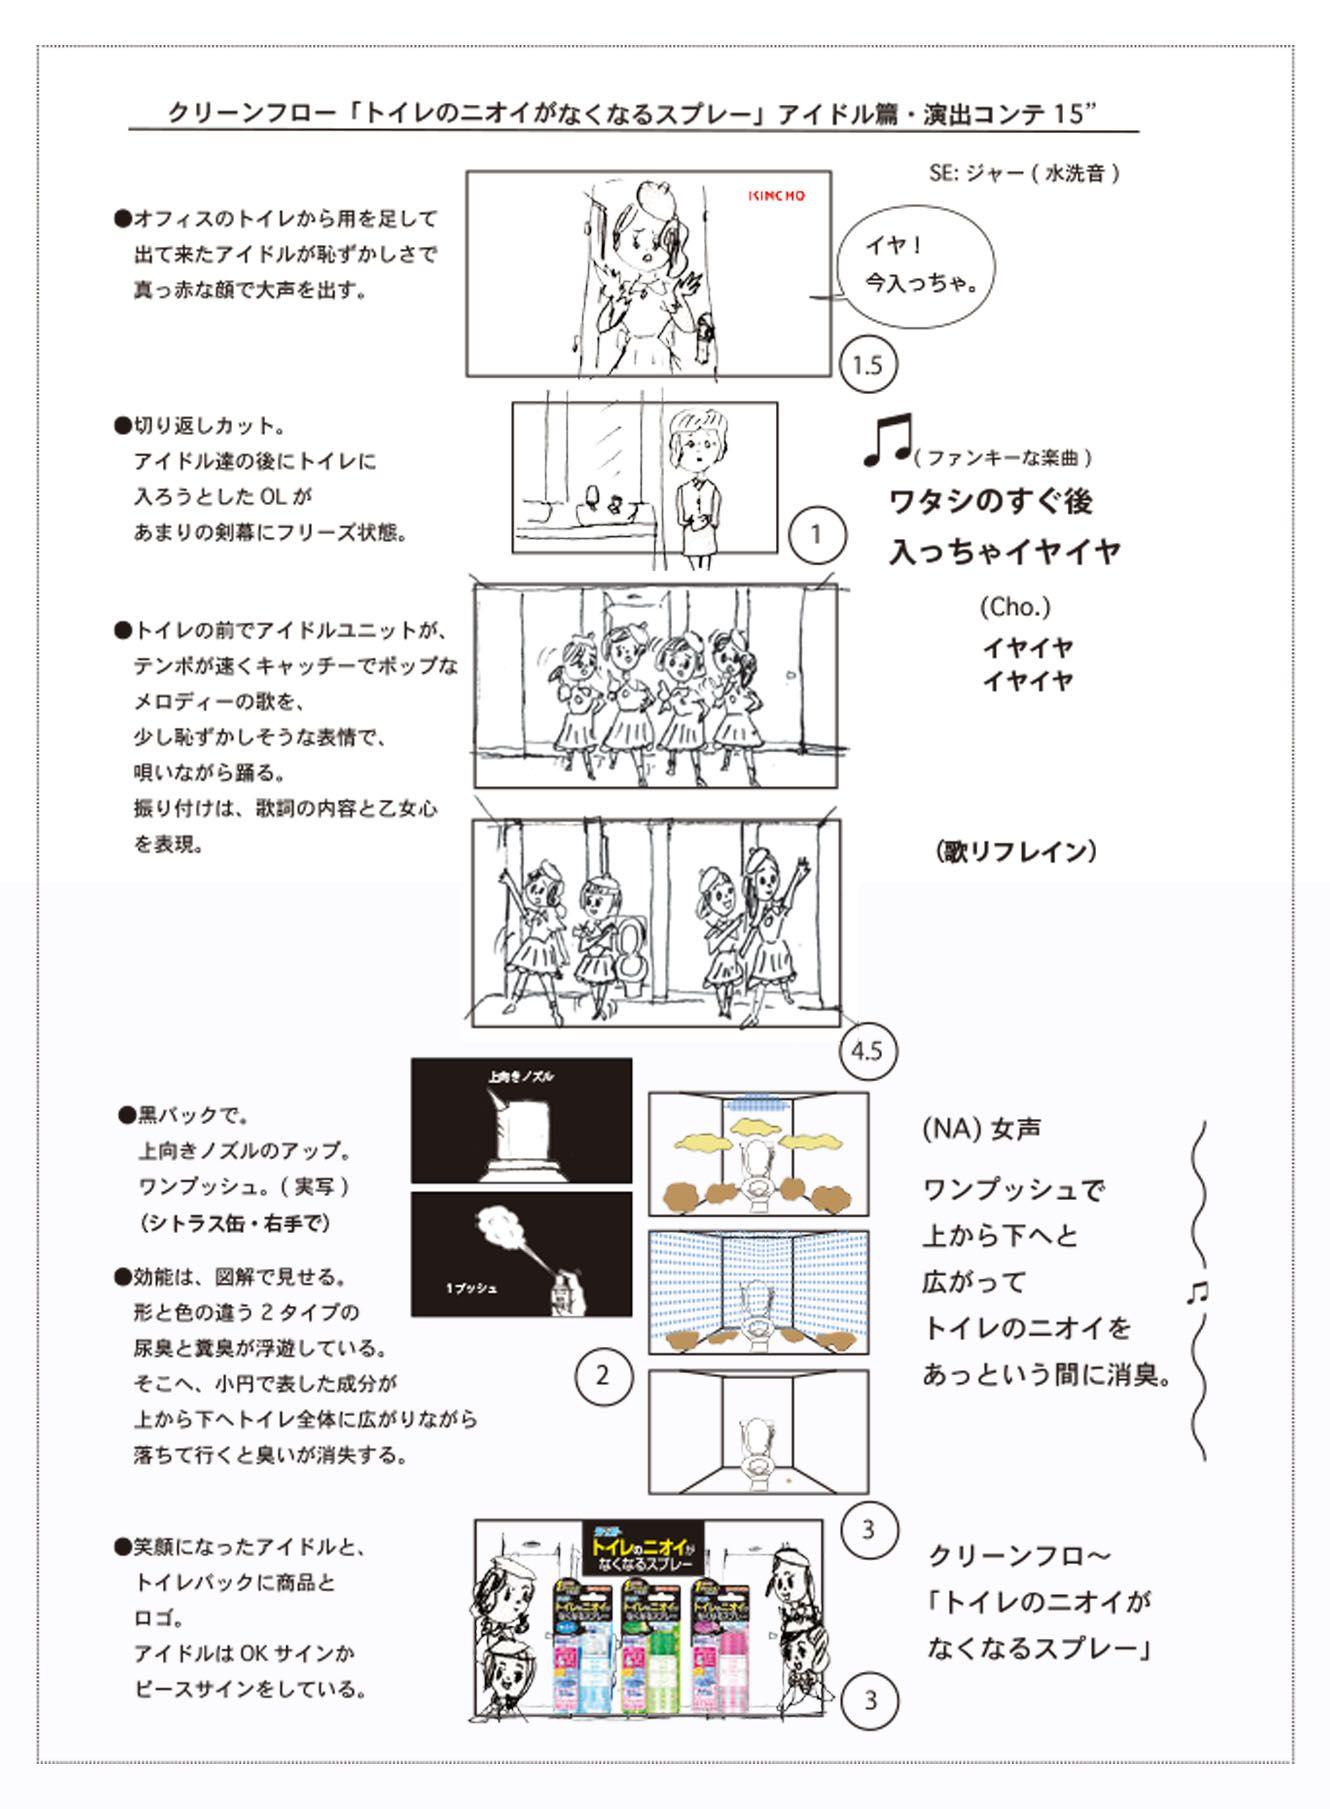 なぜトイレでアイドルが踊る キンチョー アイドル 篇cm制作の裏側 ブレーンデジタル版 絵コンテ メモ アイドル